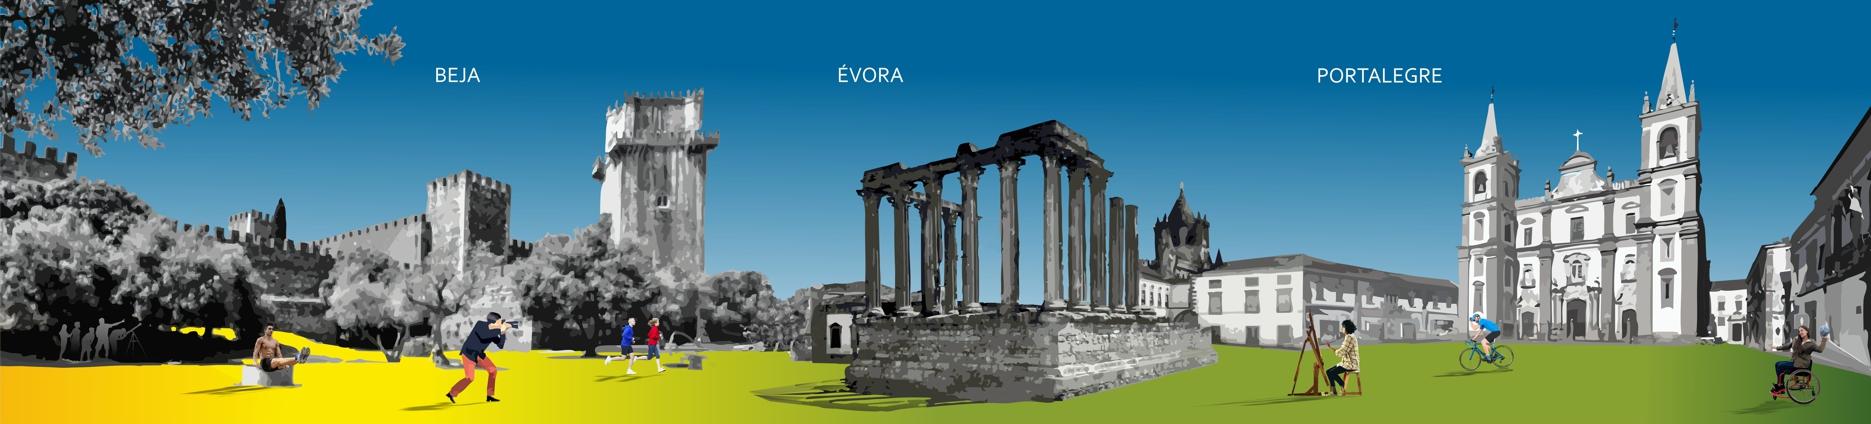 Imgaem gráfica com representação dos pontos históricos de Beja, Portalegre e Évora